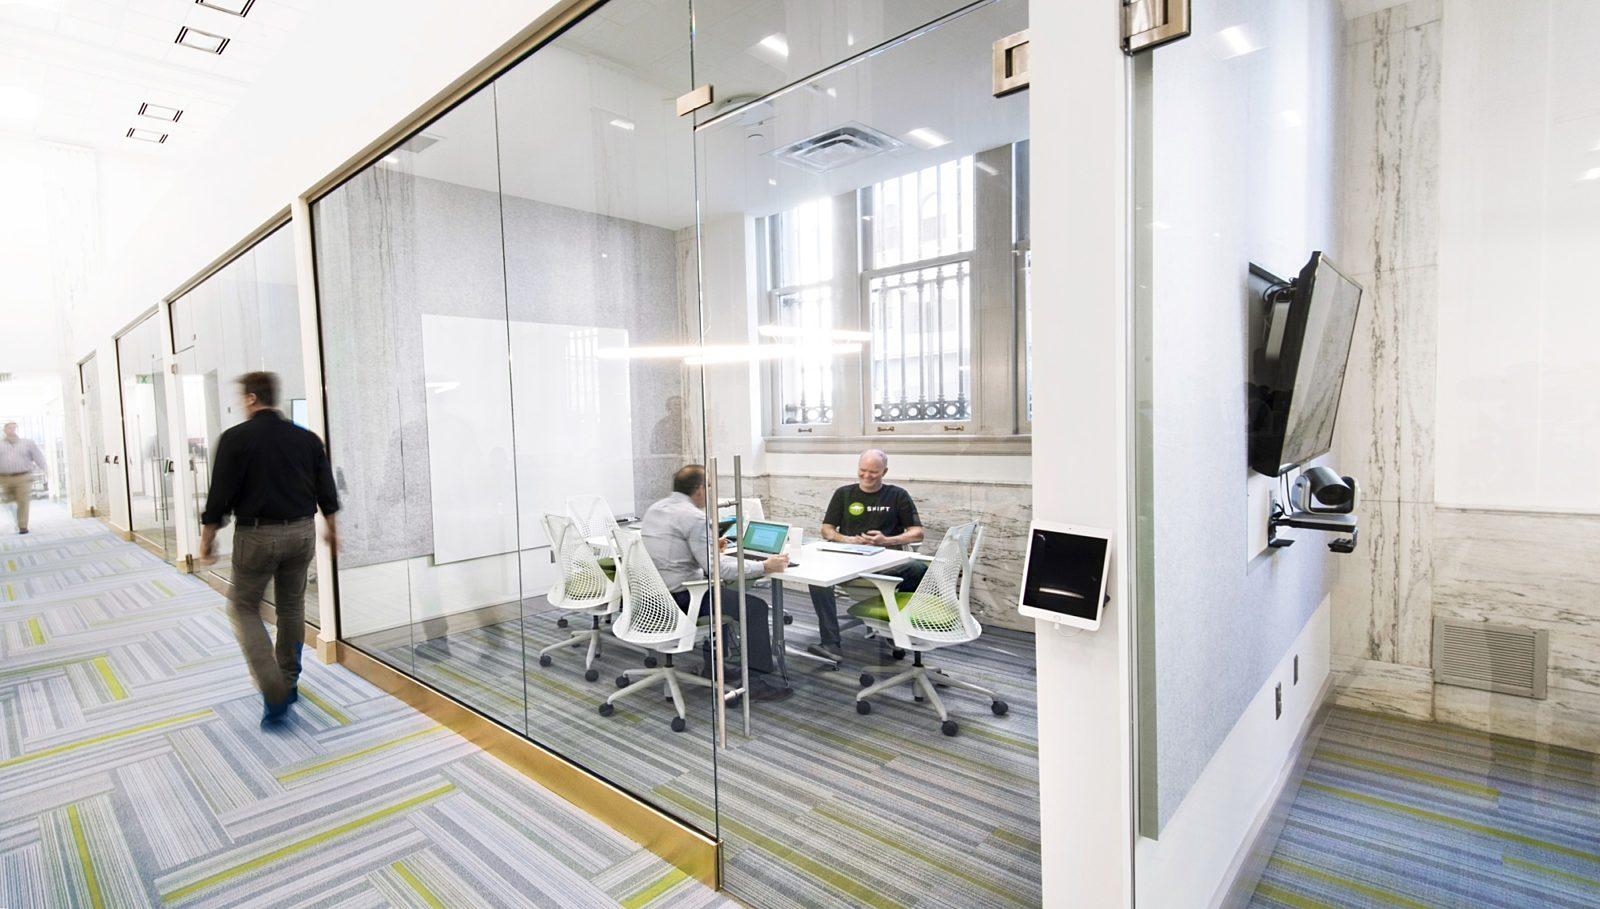 open meeting rooms